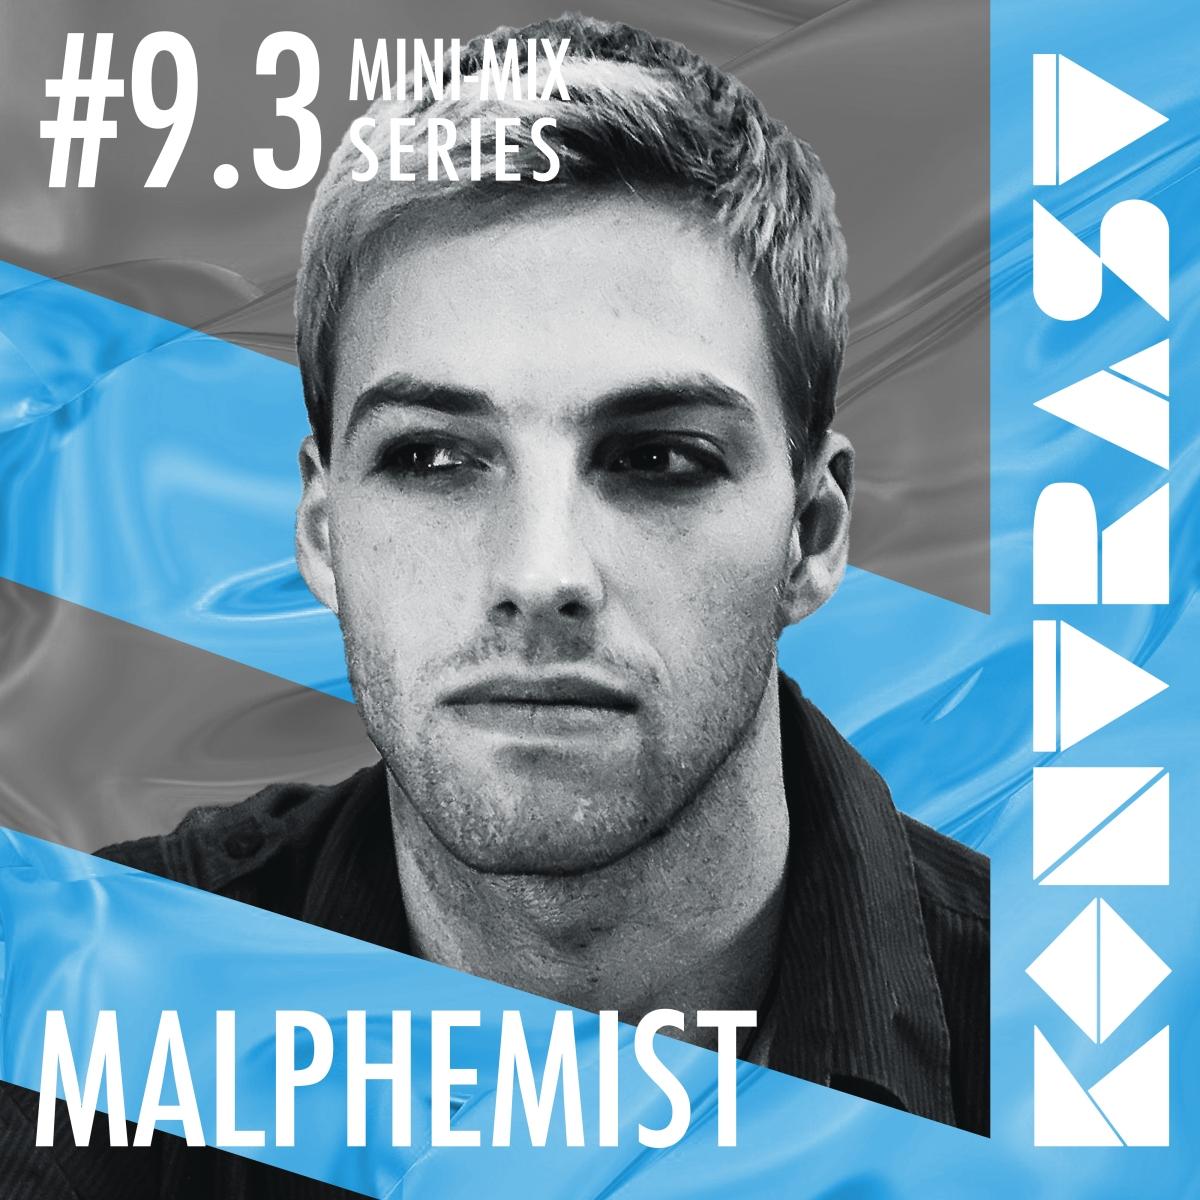 KONTRAST Mini-Mix #9.3 – MALPHEMIST